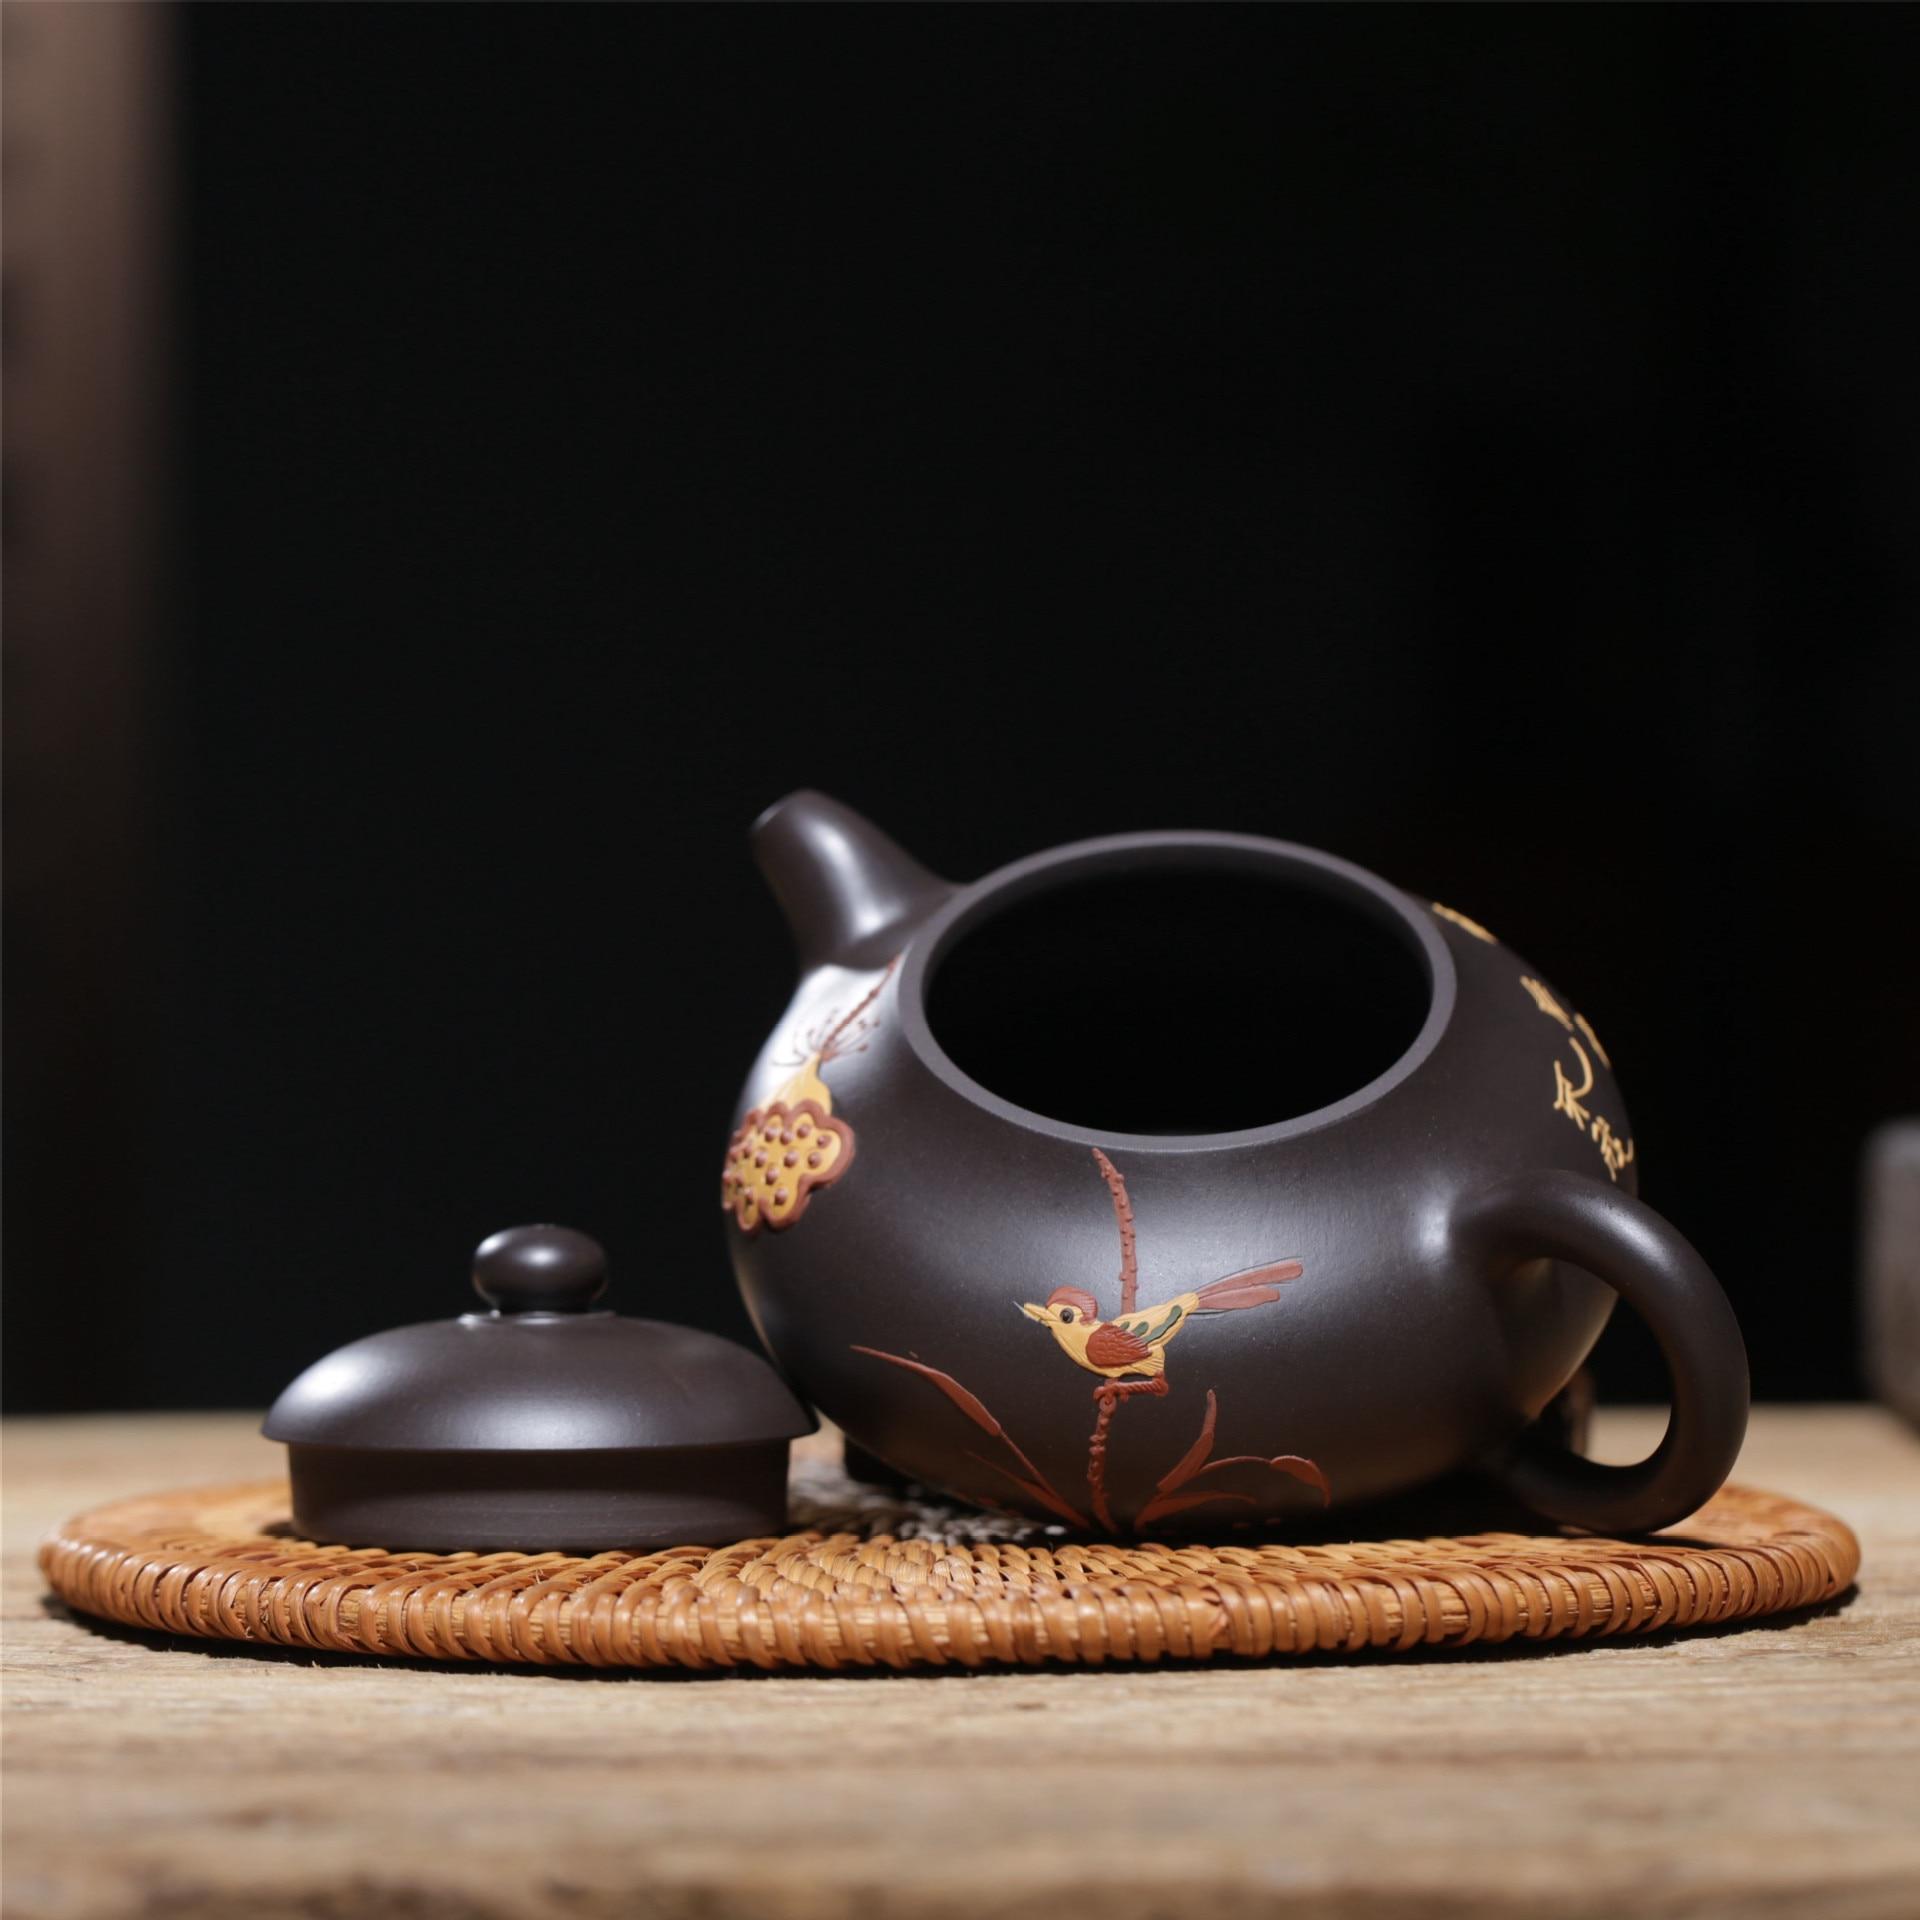 Известная ручная НЕОБРАБОТАННАЯ руда черного грязевого цветной рисунок или узор Xi Shi чайник завод прямой Wechat бизнес бесплатно агент - 3